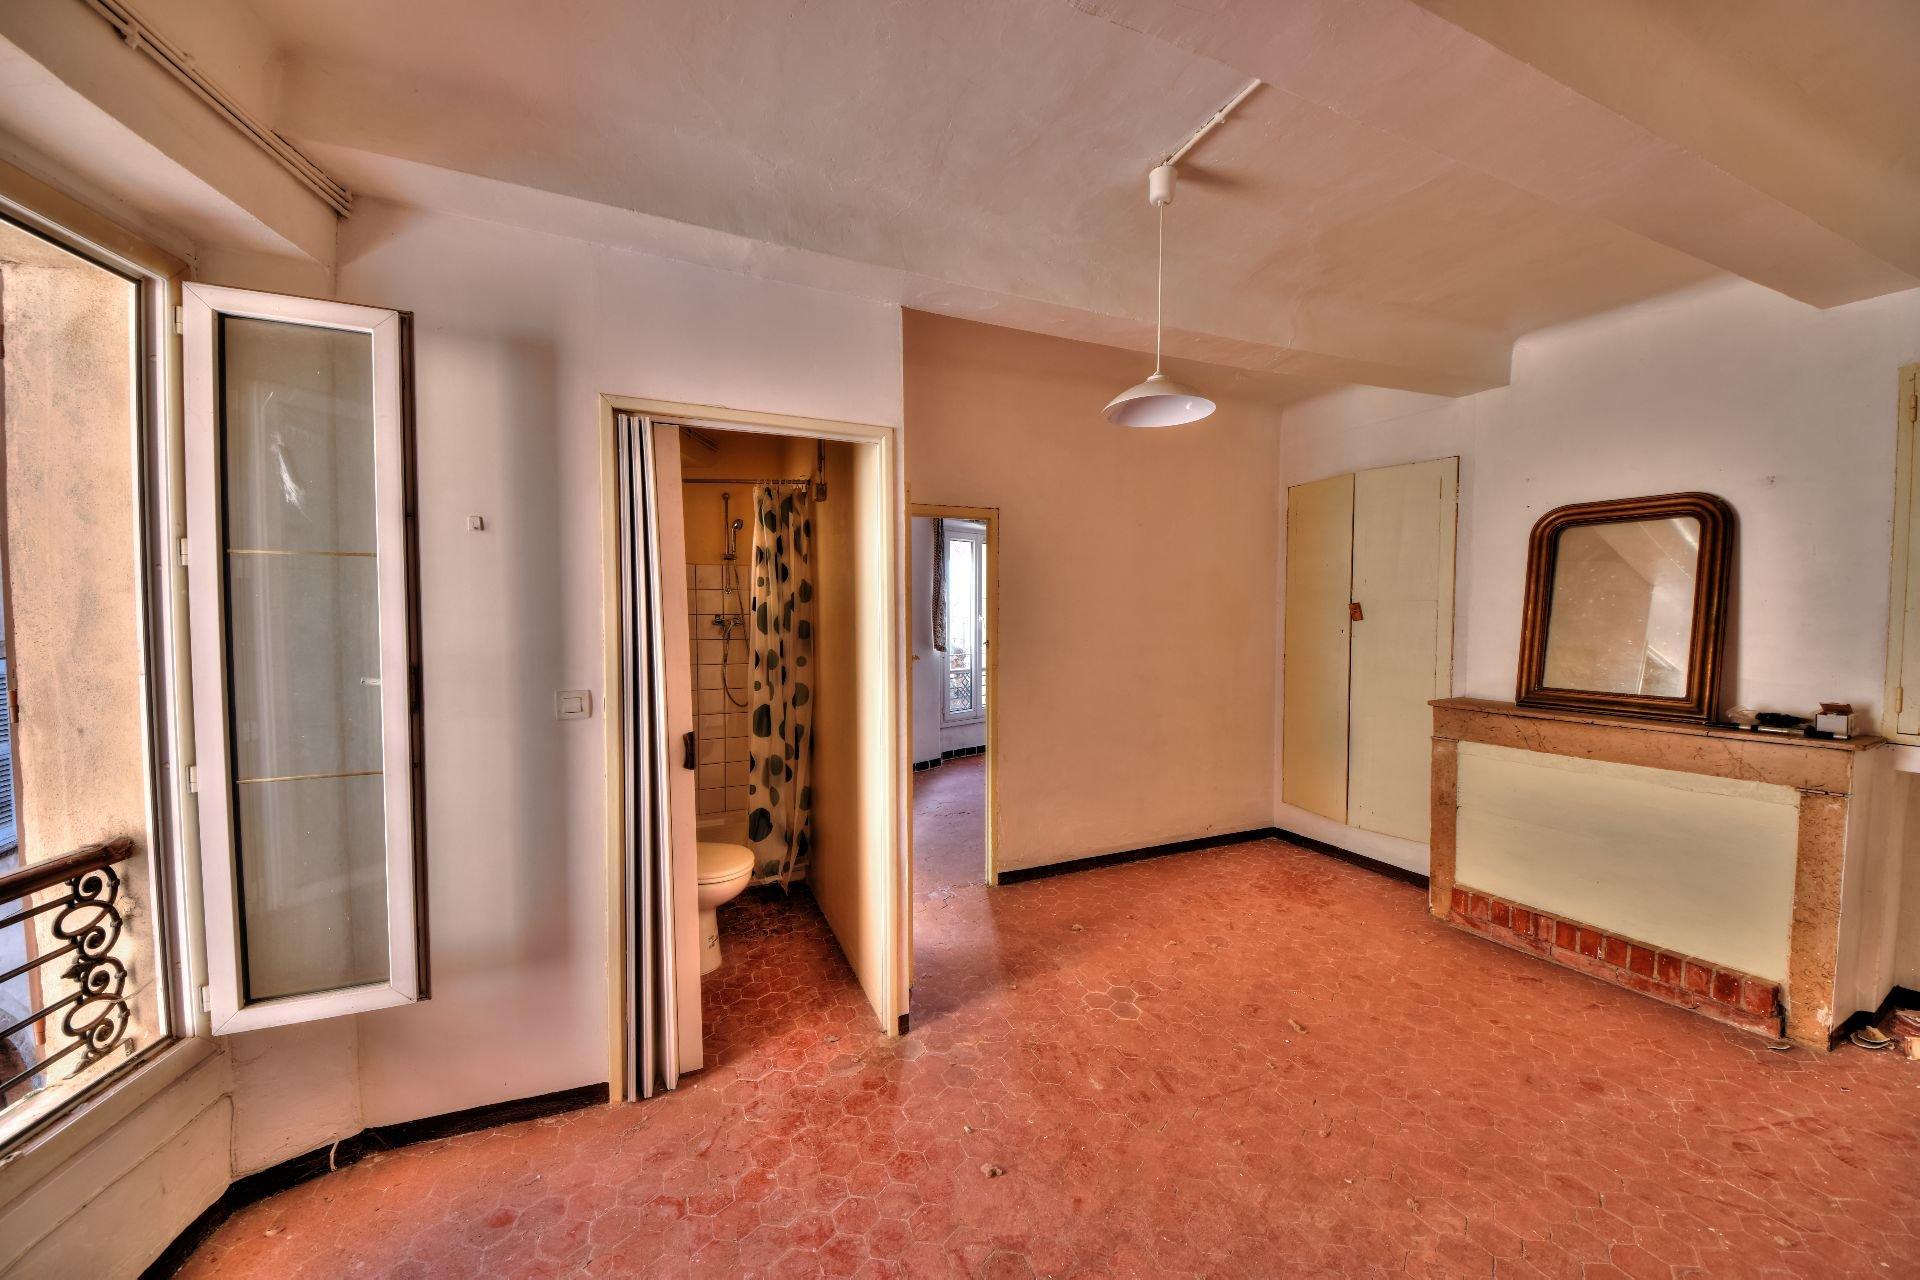 Séjour de l'appartement deux pièces 2ème étage dans Immeuble de trois appartements + un studio à rénover, Aups, Var, Provence